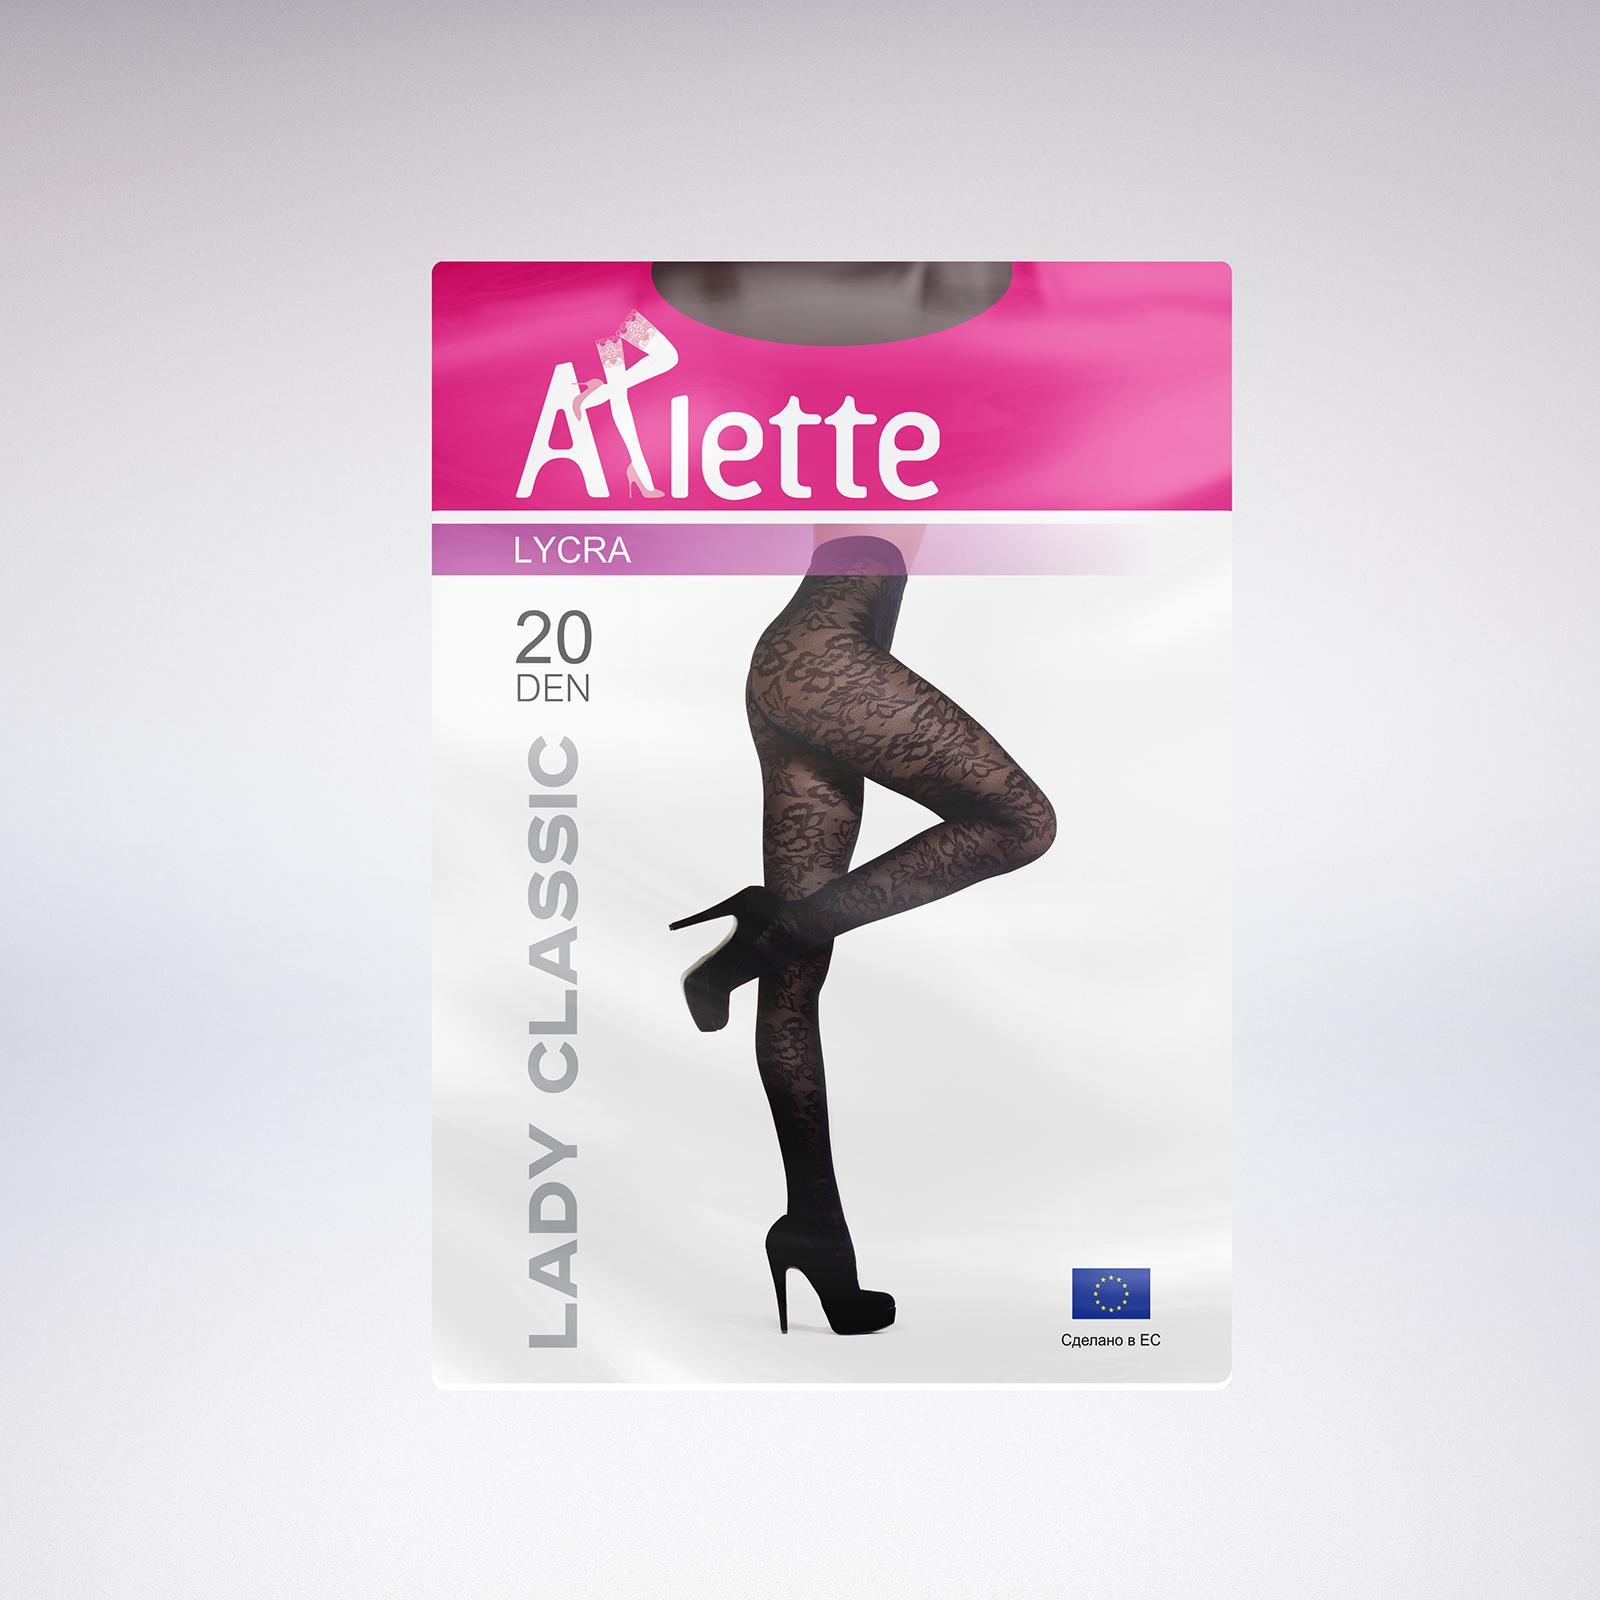 Дизайн упаковки женских колготок фото f_22259988a3f4825a.jpg